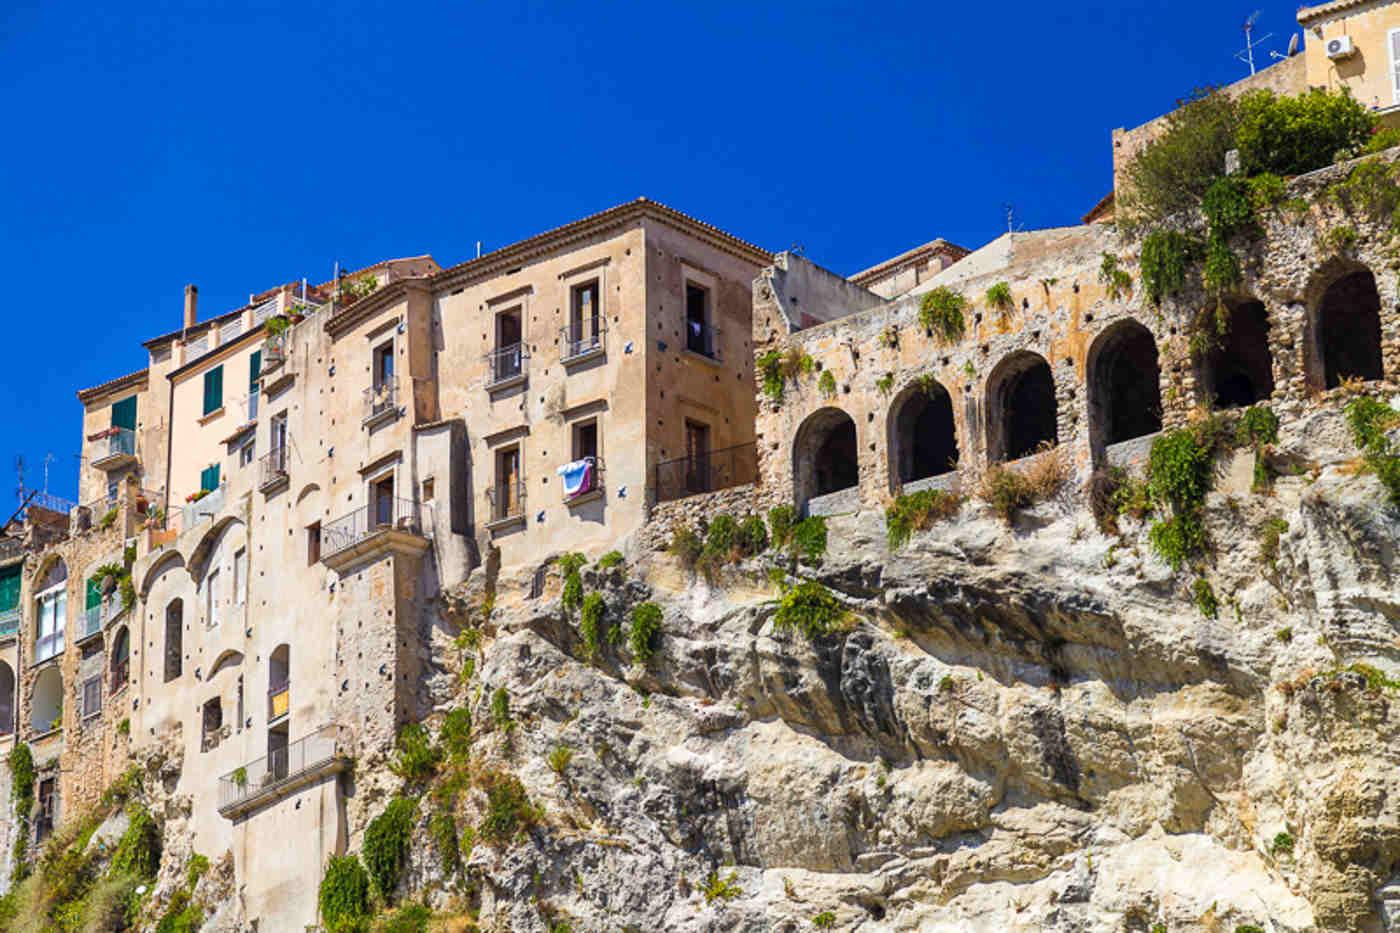 ilportico medievale di palazzo Collareto-Galli sulla rupe rocciosa